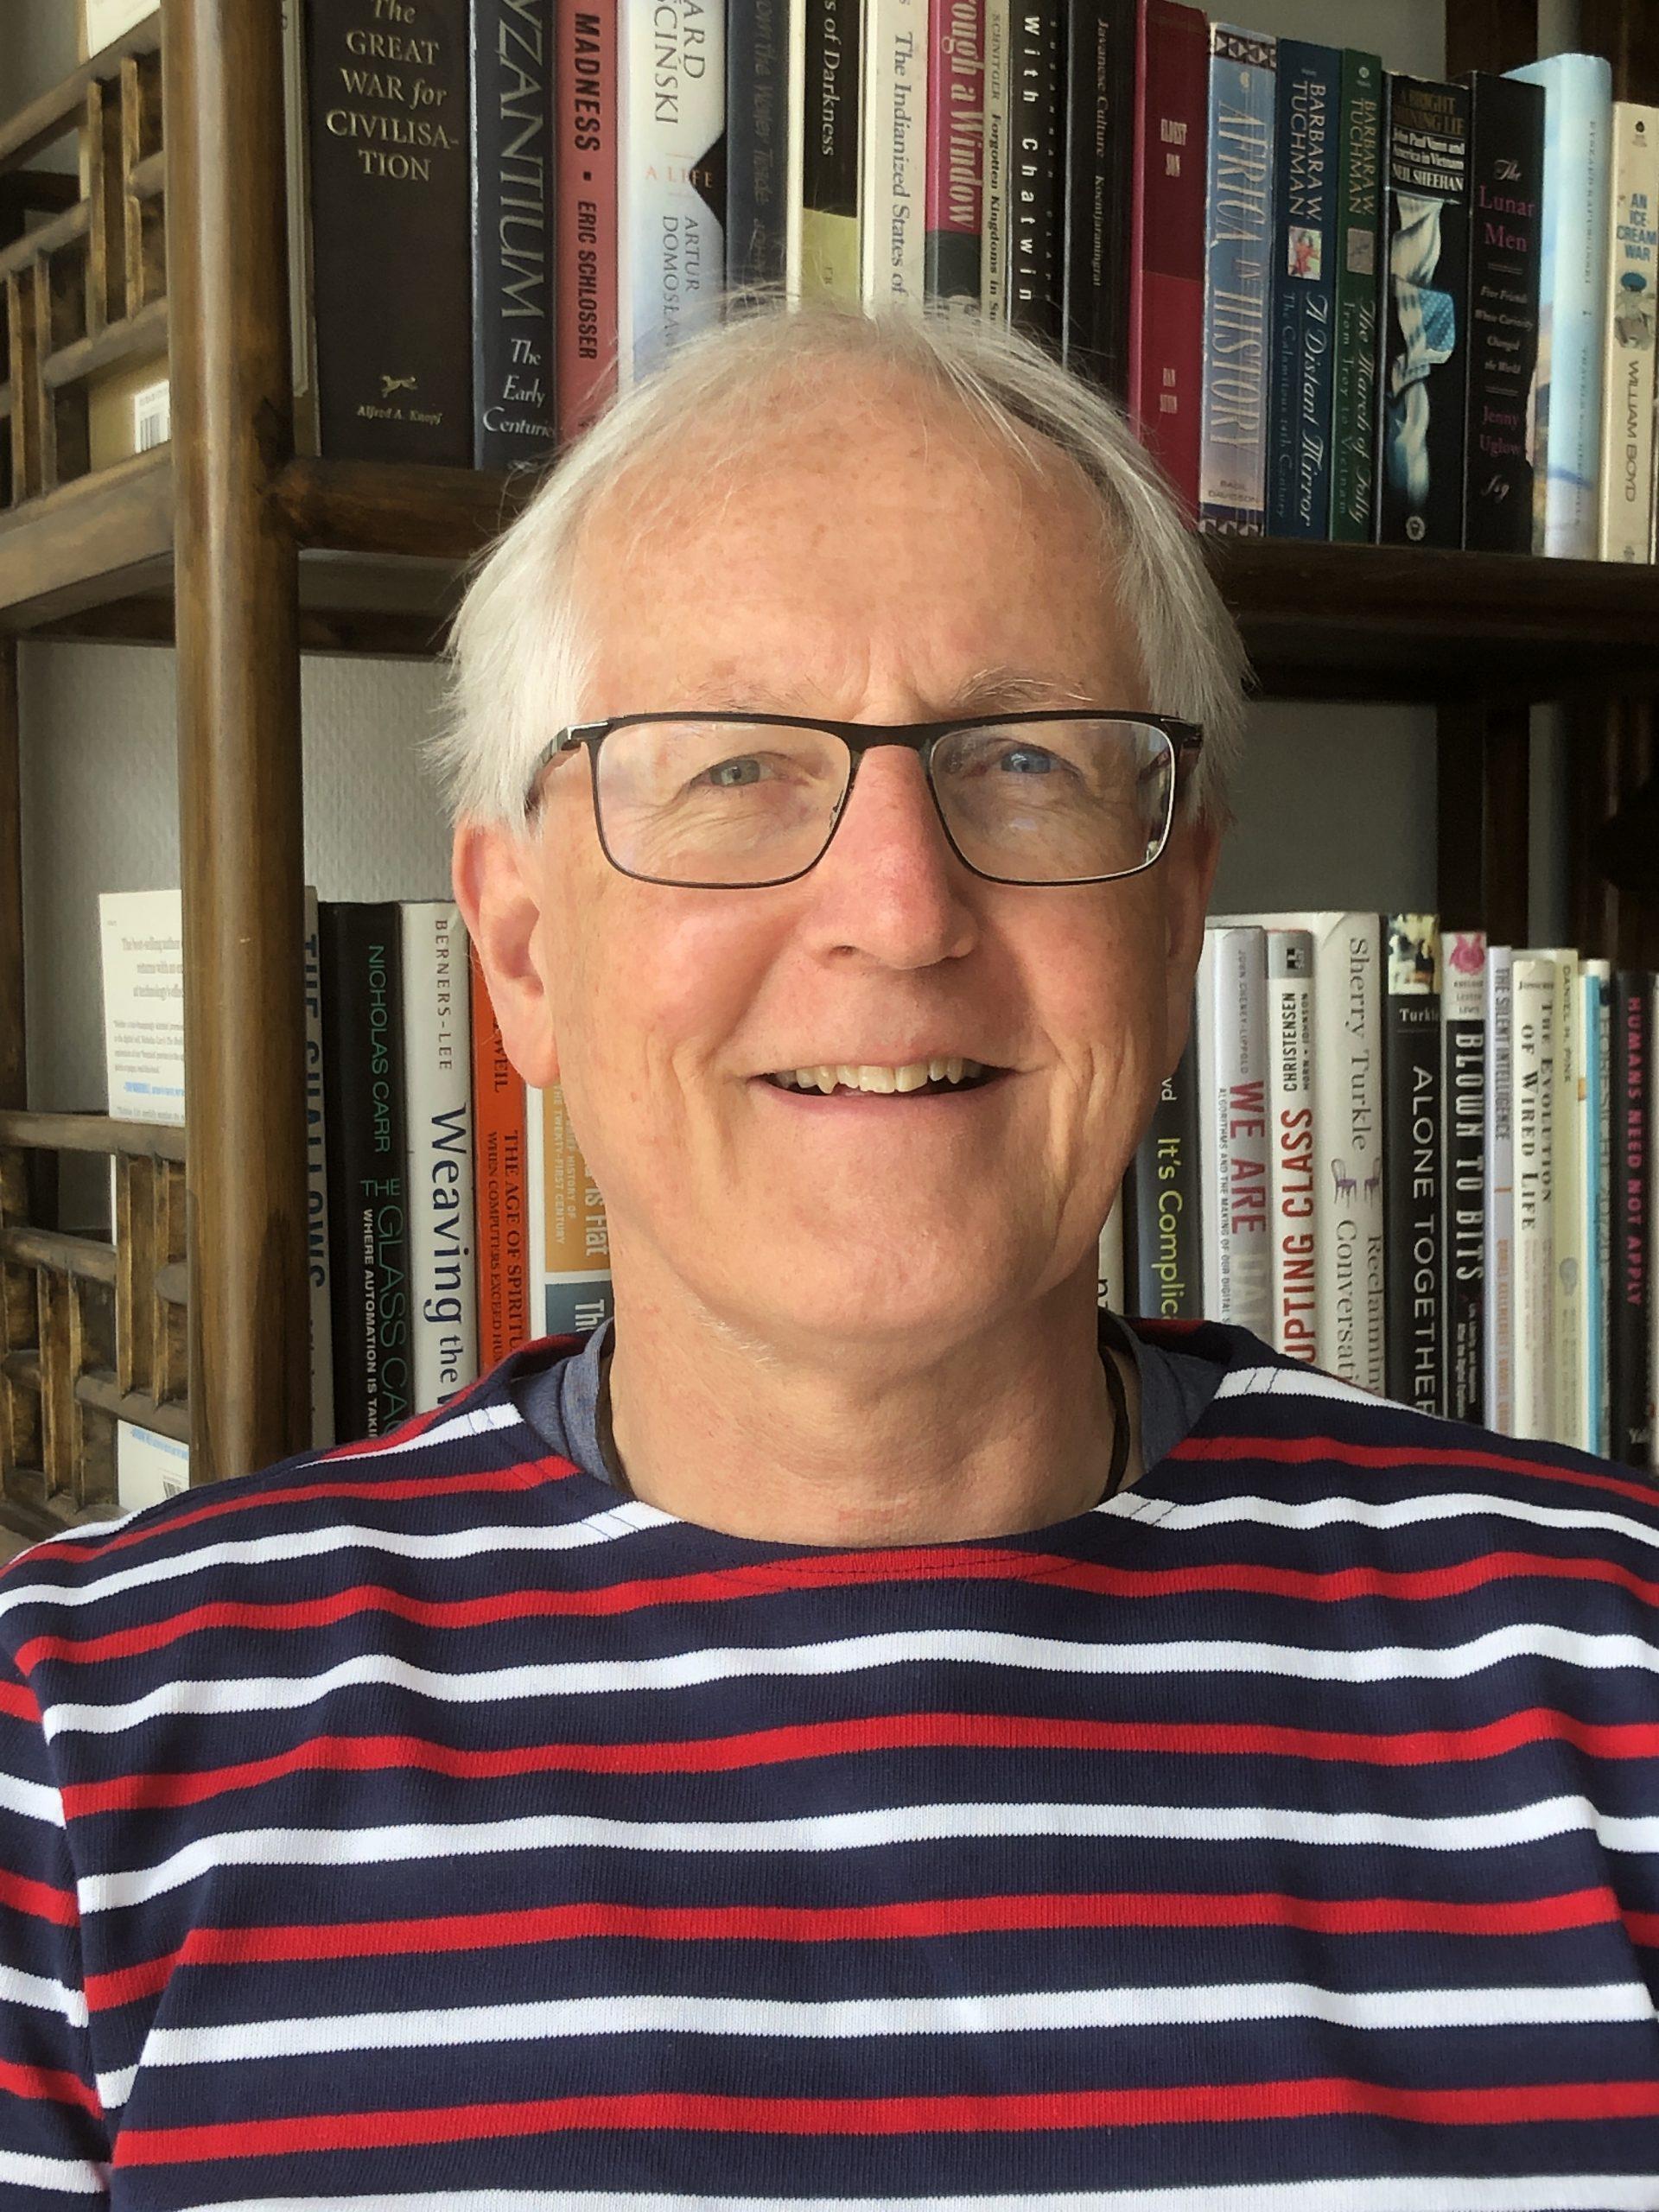 John Mikton